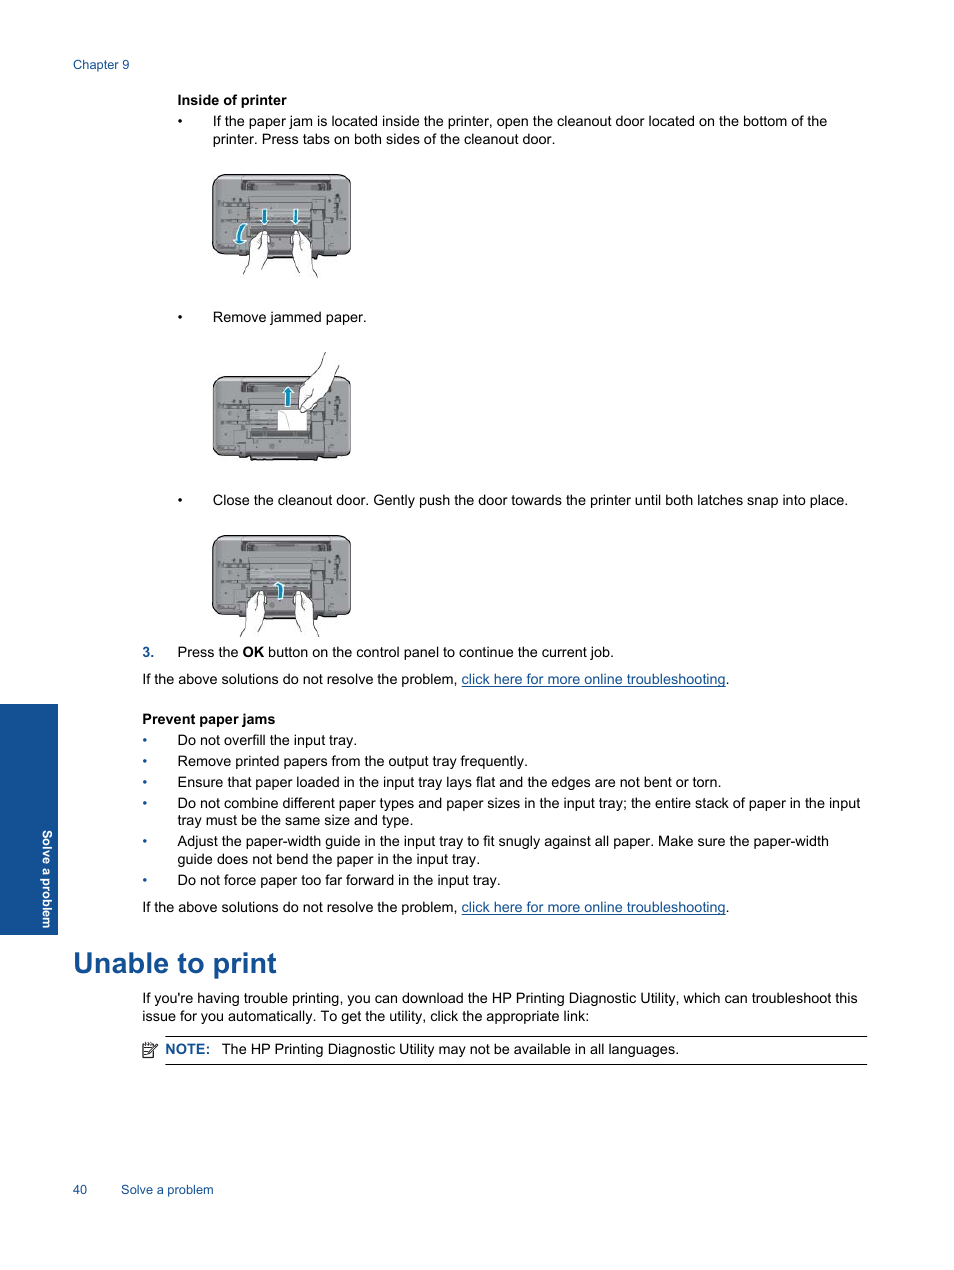 unable to print hp deskjet 3511 e all in one printer user manual rh manualsdir com hp 8610 printer user manual hp printer user guide